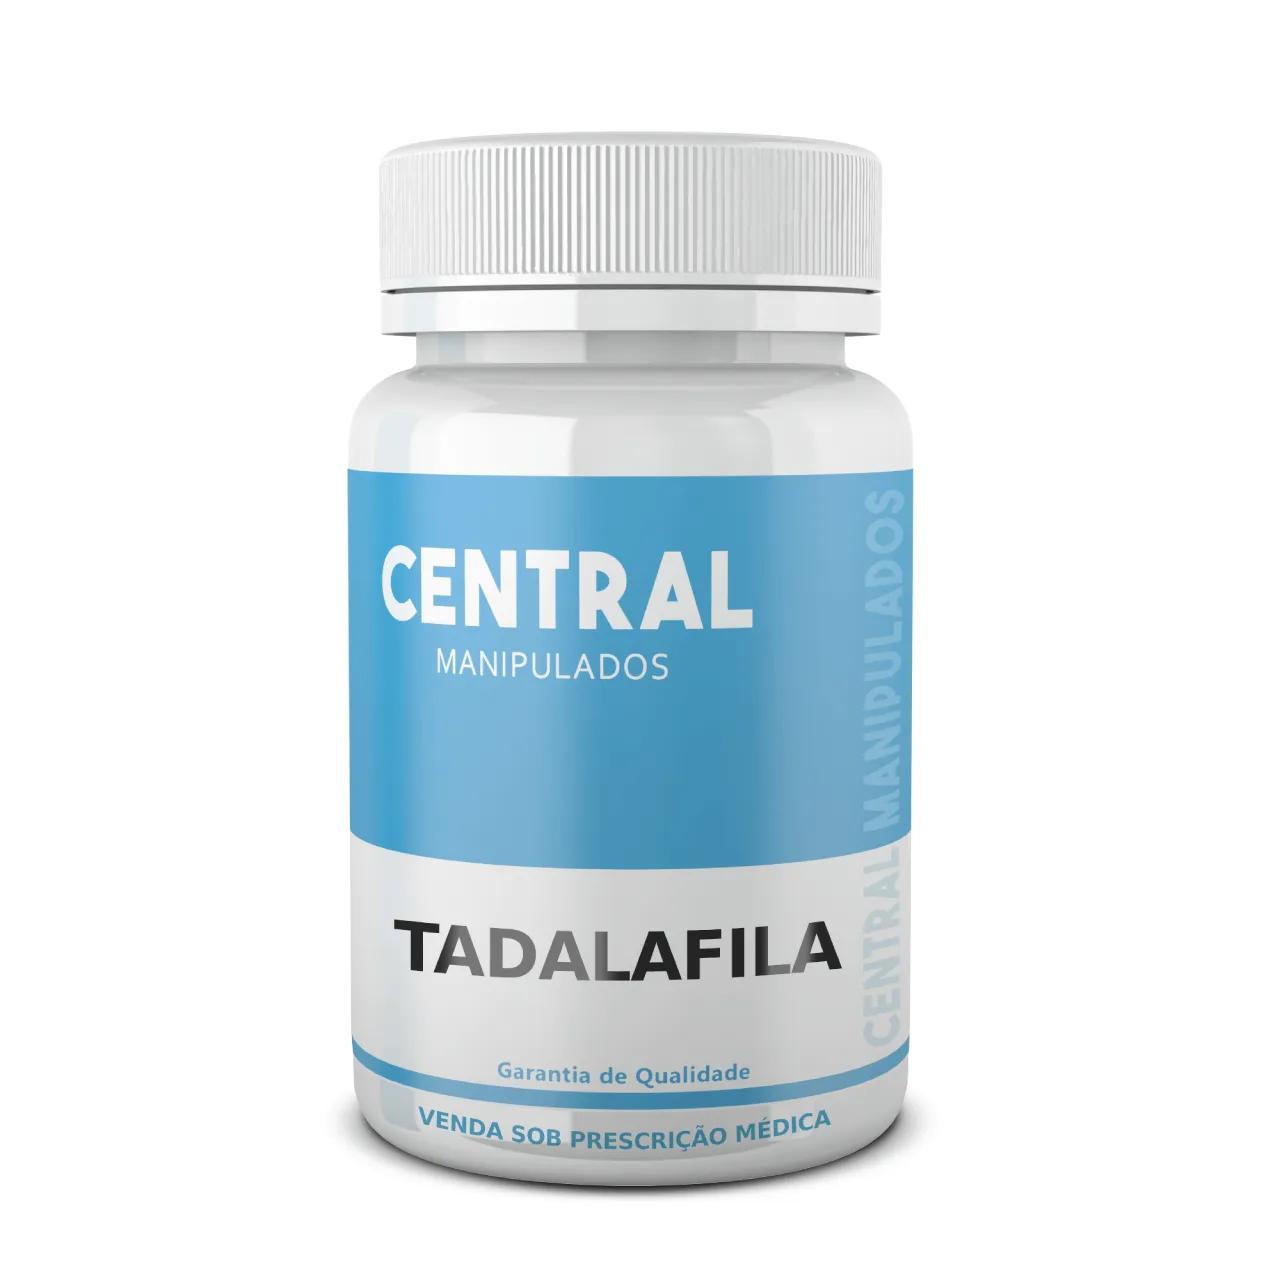 Tadalafila 20mg - 90 cápsulas